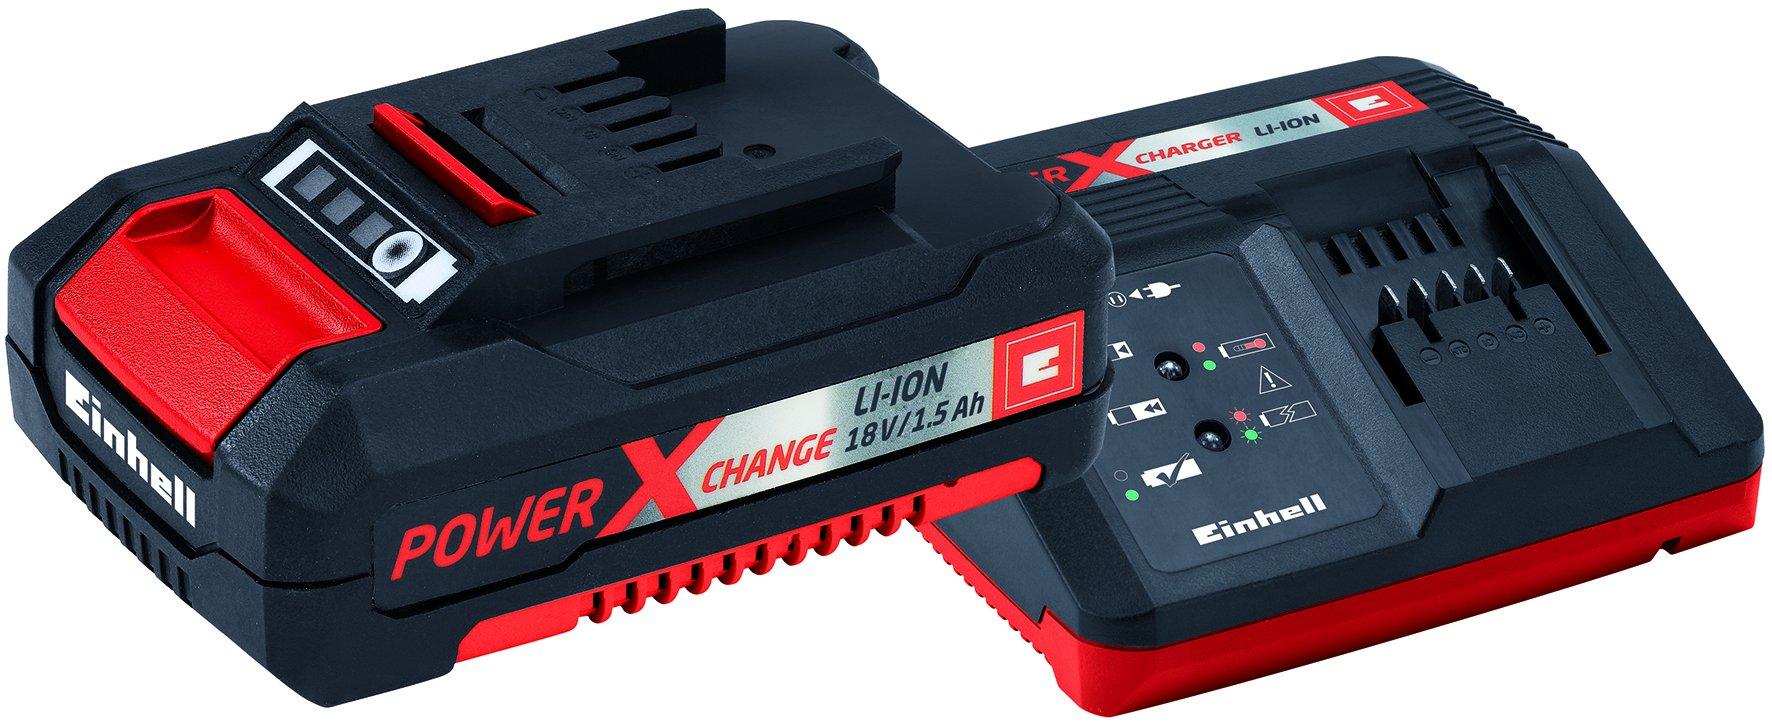 Einhell Starter Kit Akku und Ladegerät Power X-Change (Lithium Ionen, 18 V, Akku und Schnellladegerät, passend für alle Power X-Change Geräte)